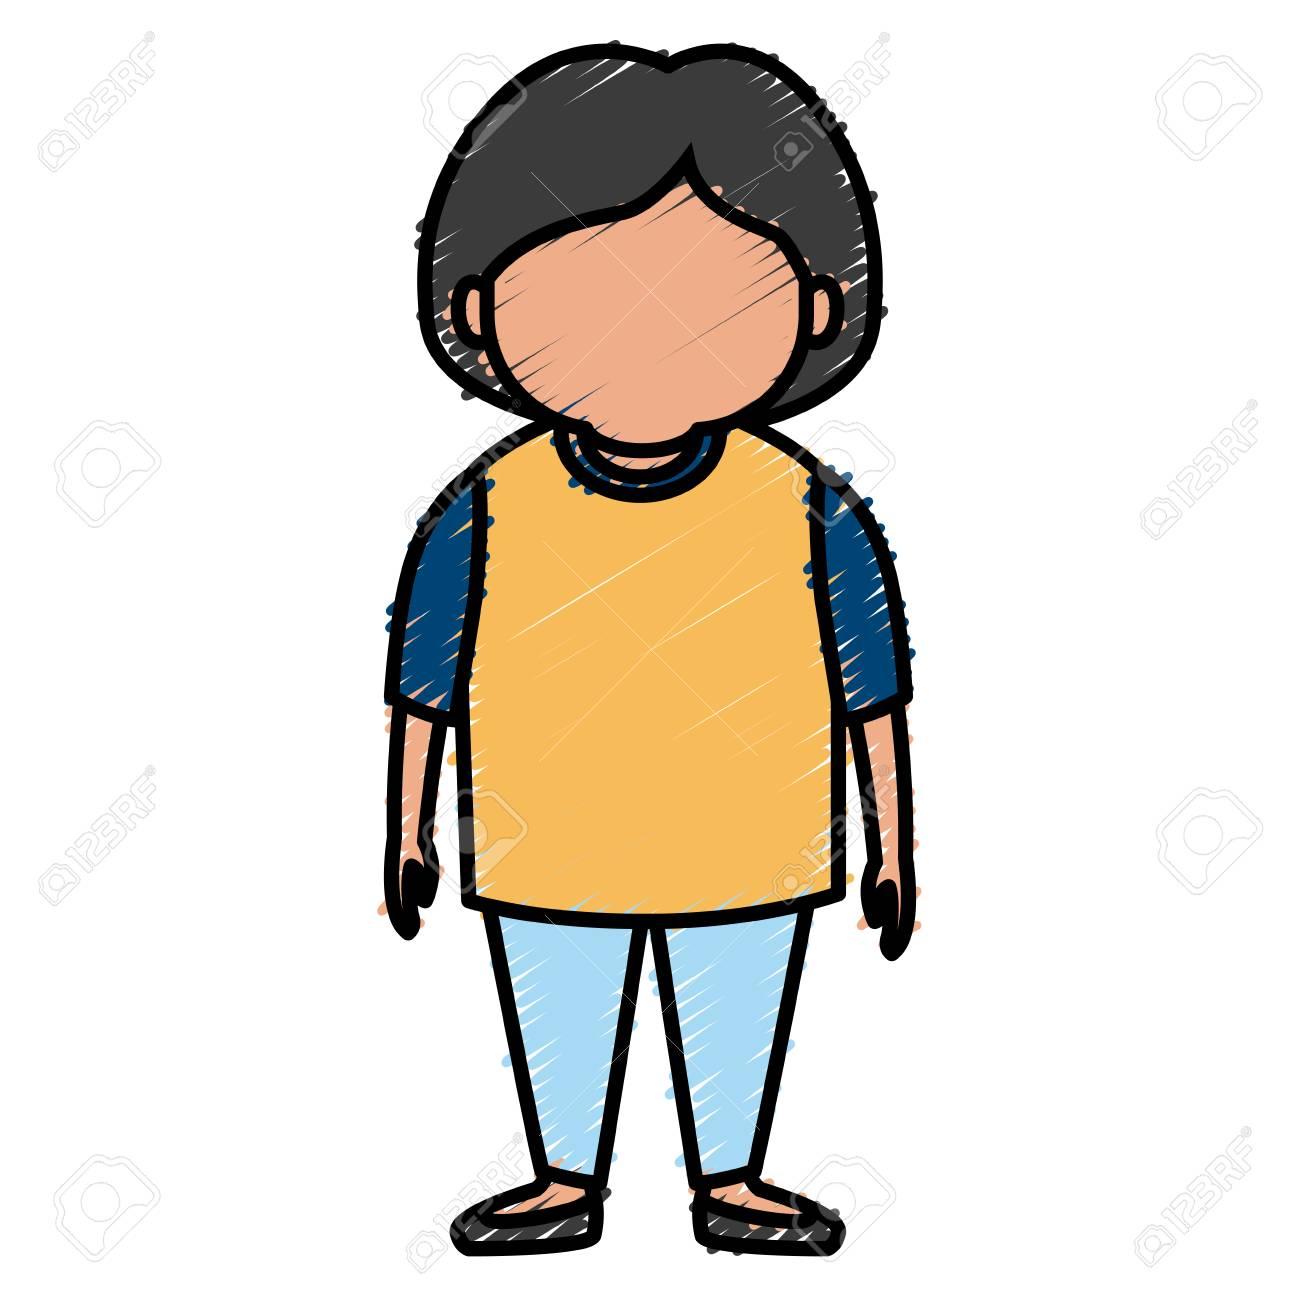 かわいいおばあちゃん漫画アイコン ベクトル イラスト グラフィック デザインのイラスト素材 ベクタ Image